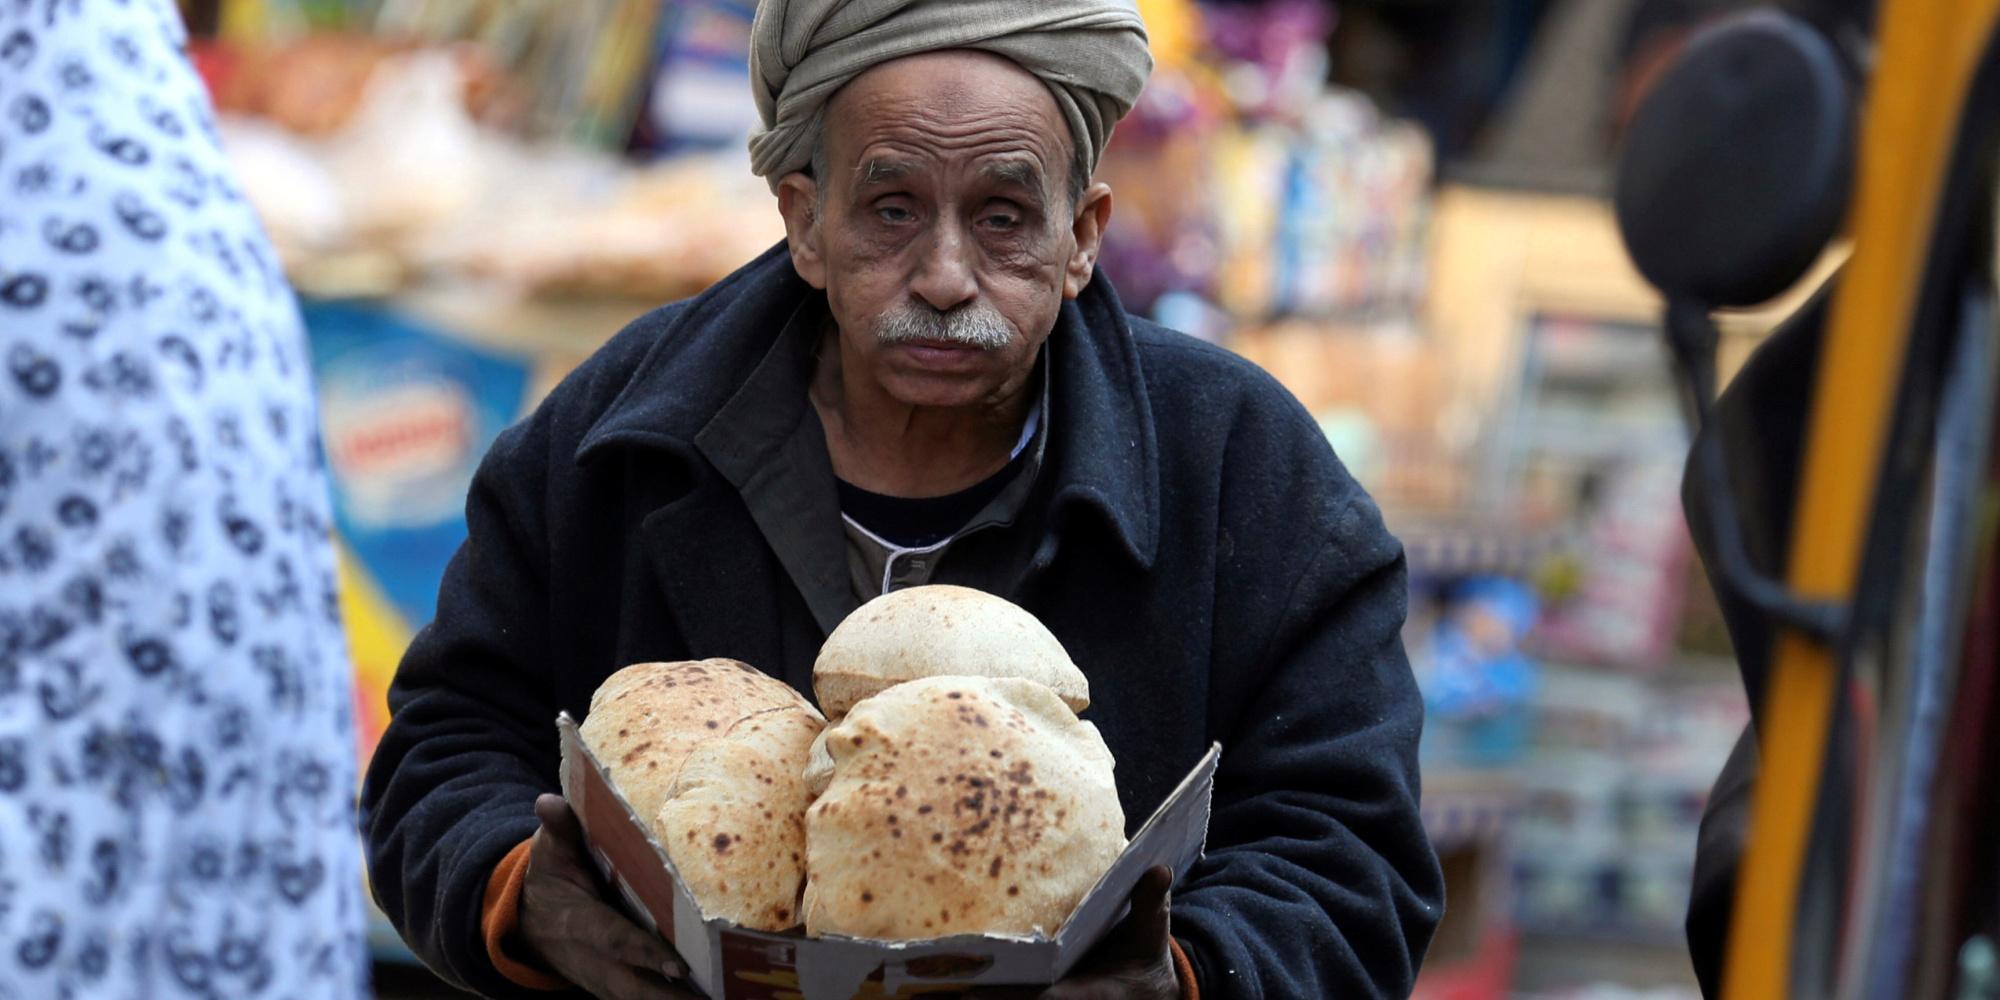 مصر تخفض نصيب الفرد من الخبز لتوفير الدولار.. وهذا ما سيحصل عليه المواطن في اليوم الواحد